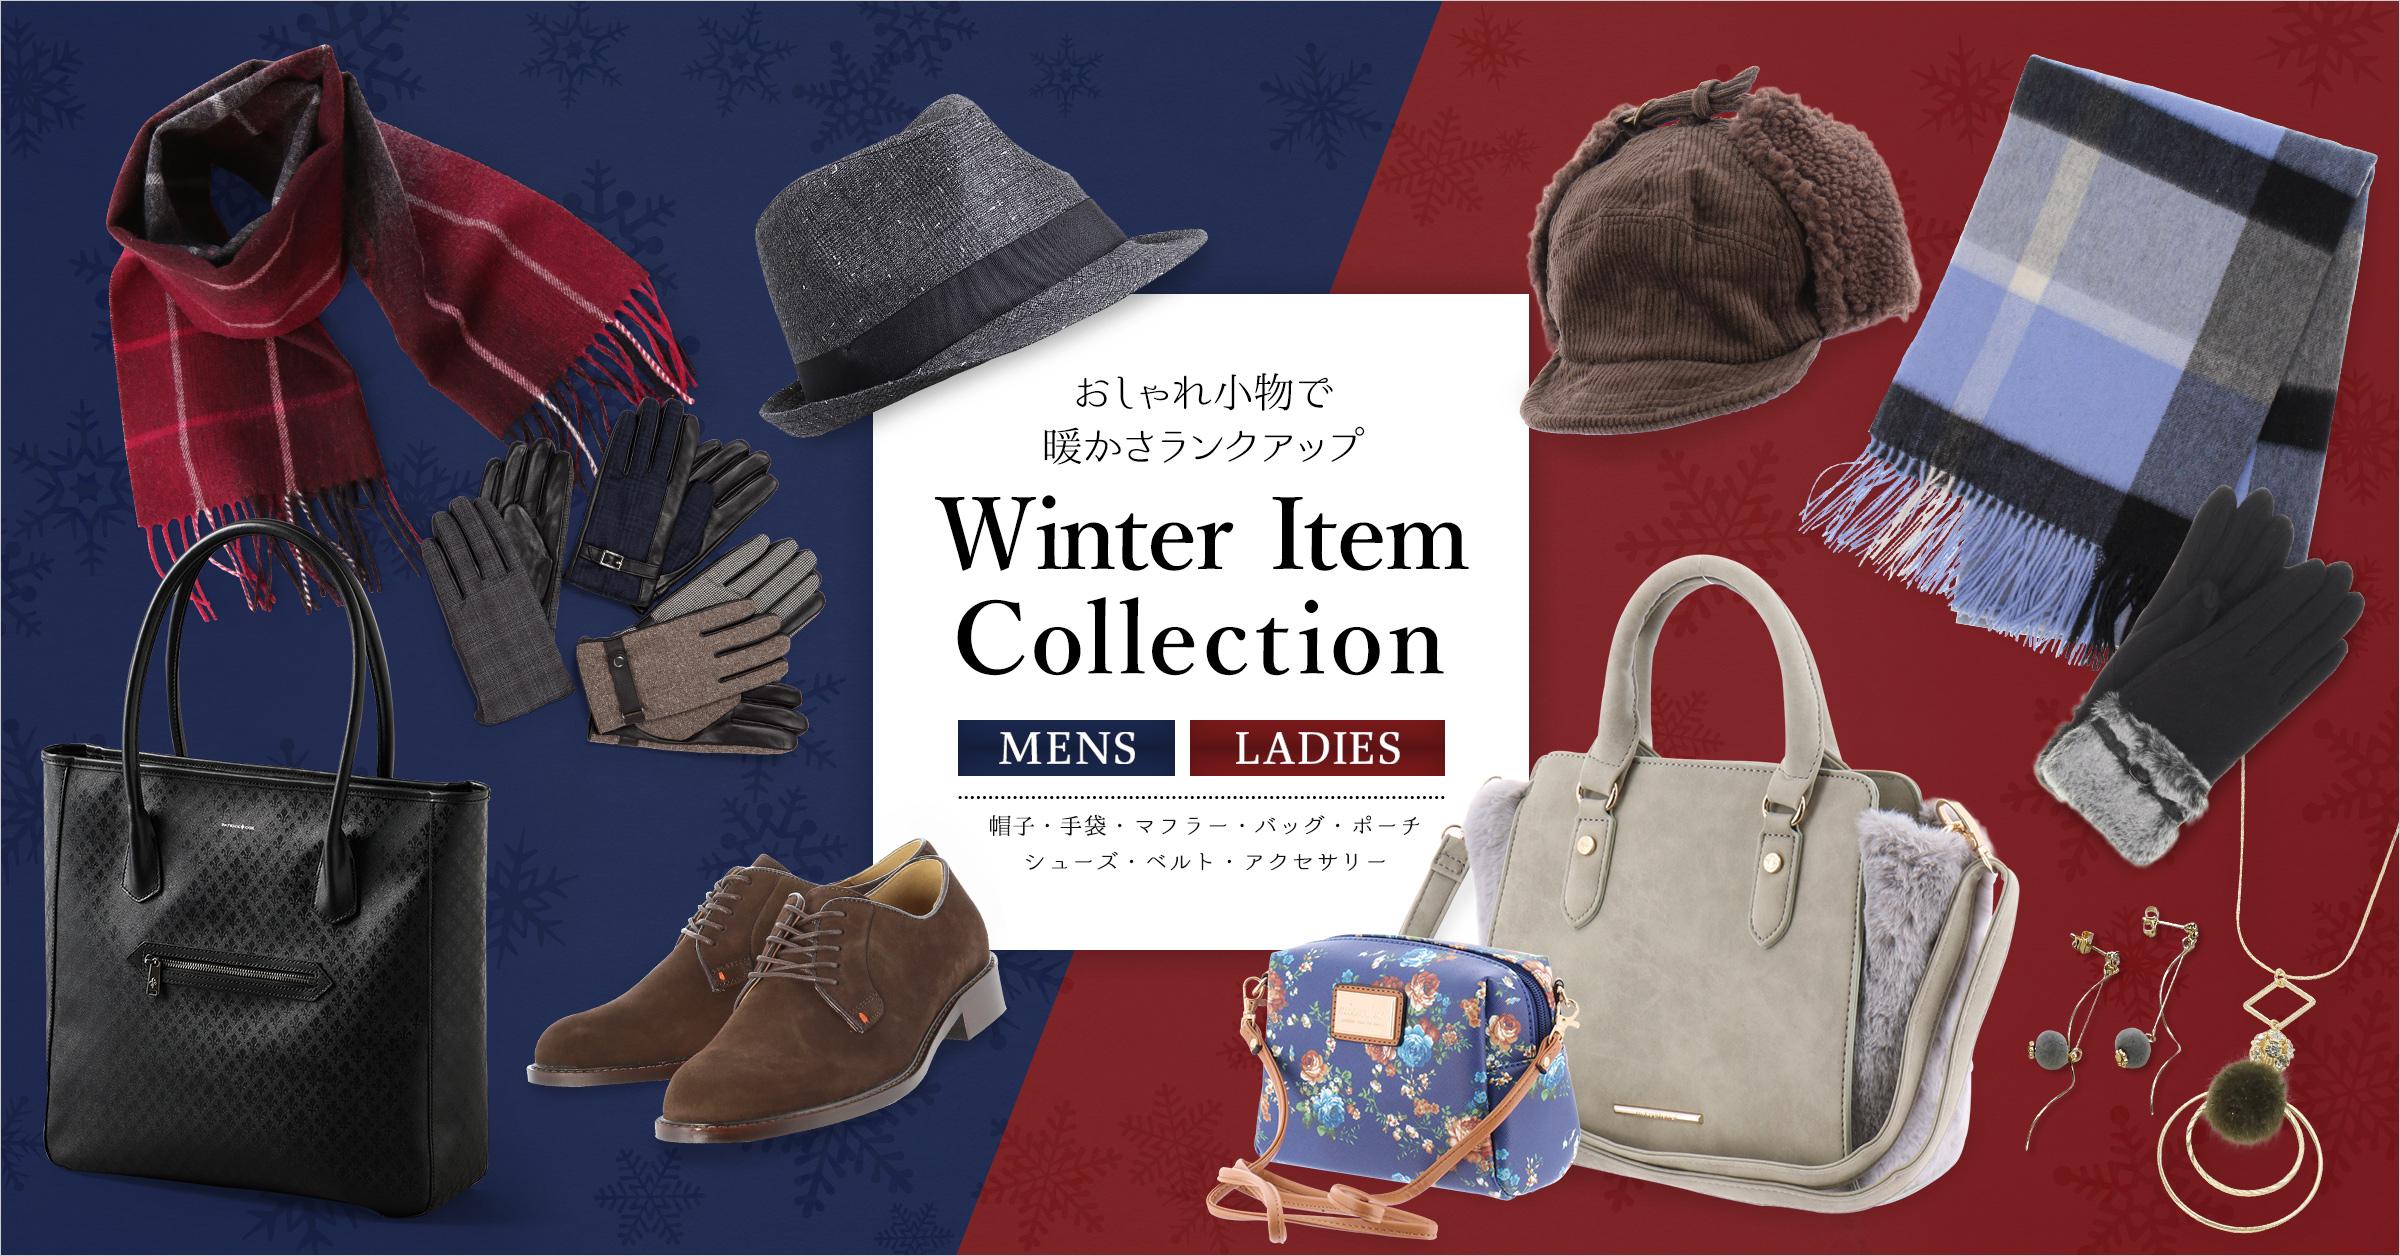 おしゃれ小物で暖かさランクアップ Winter Item Collection